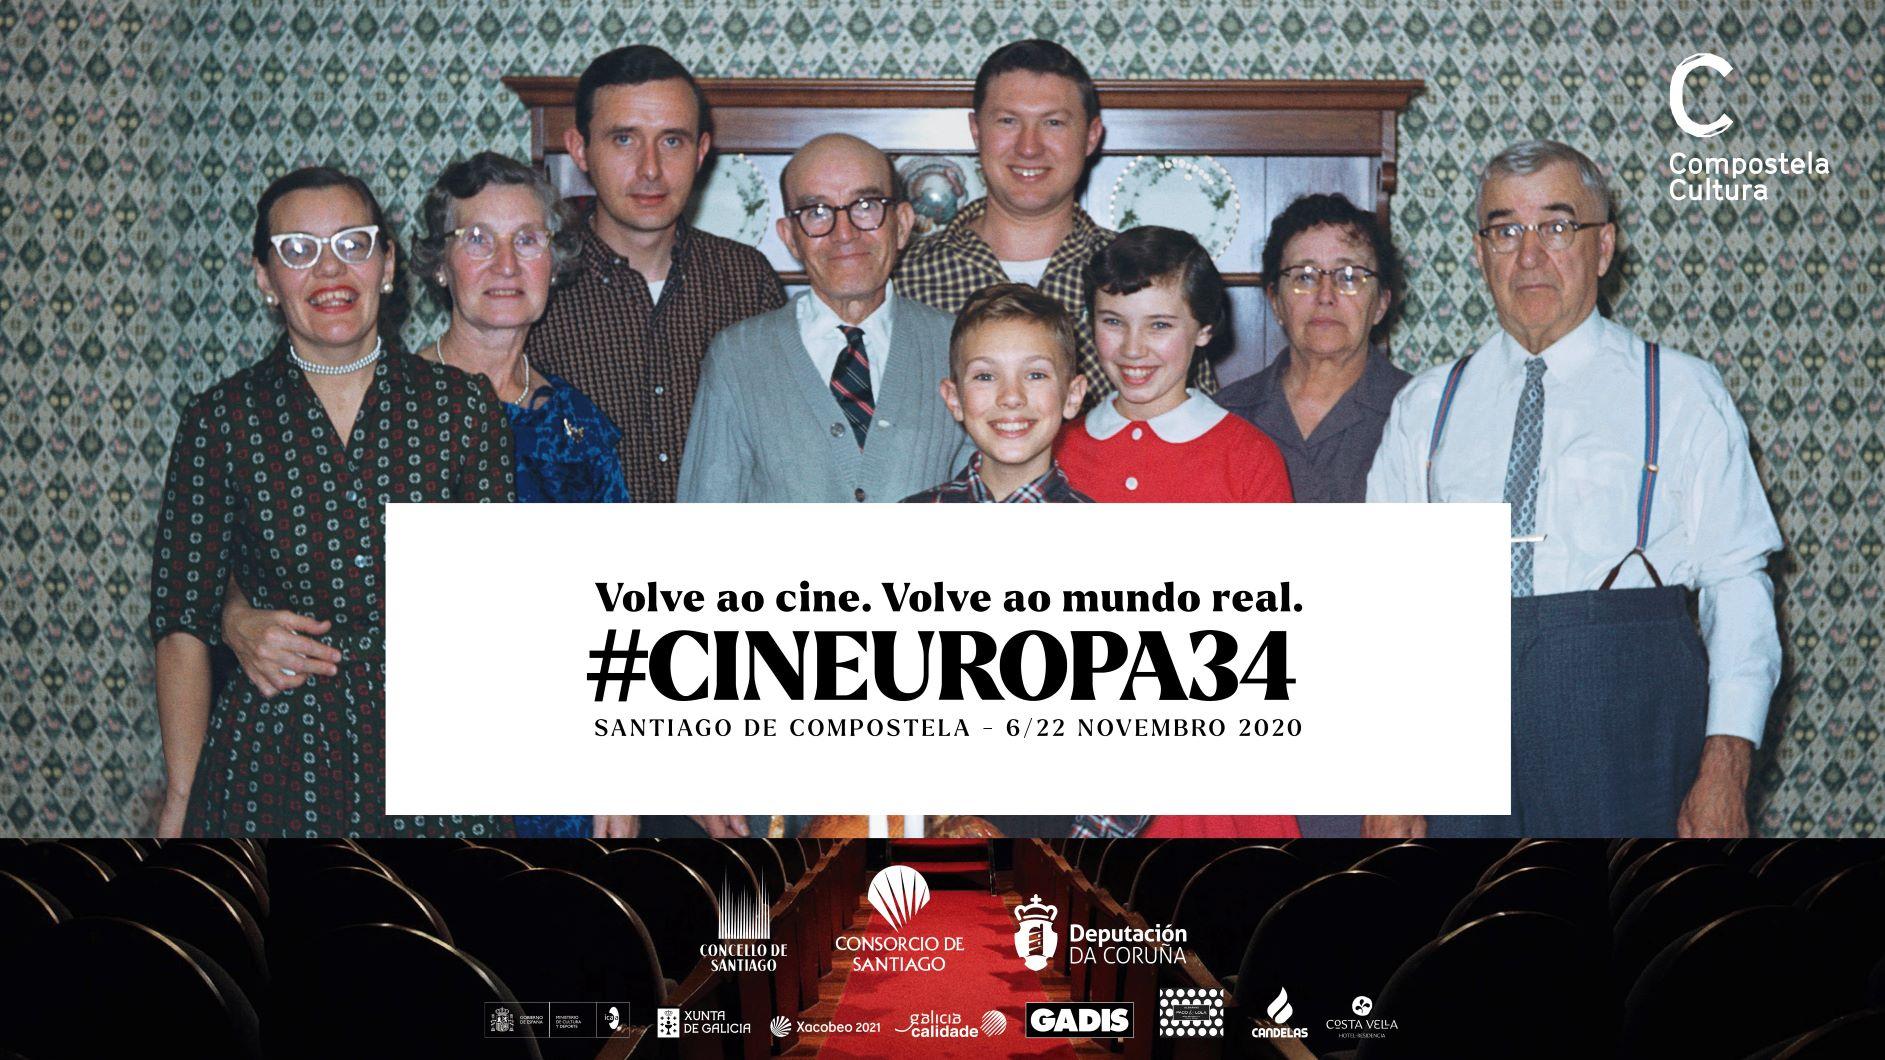 A cita santiaguesa co cine farase en formato exclusivamente presencial en catro espazos da cidade